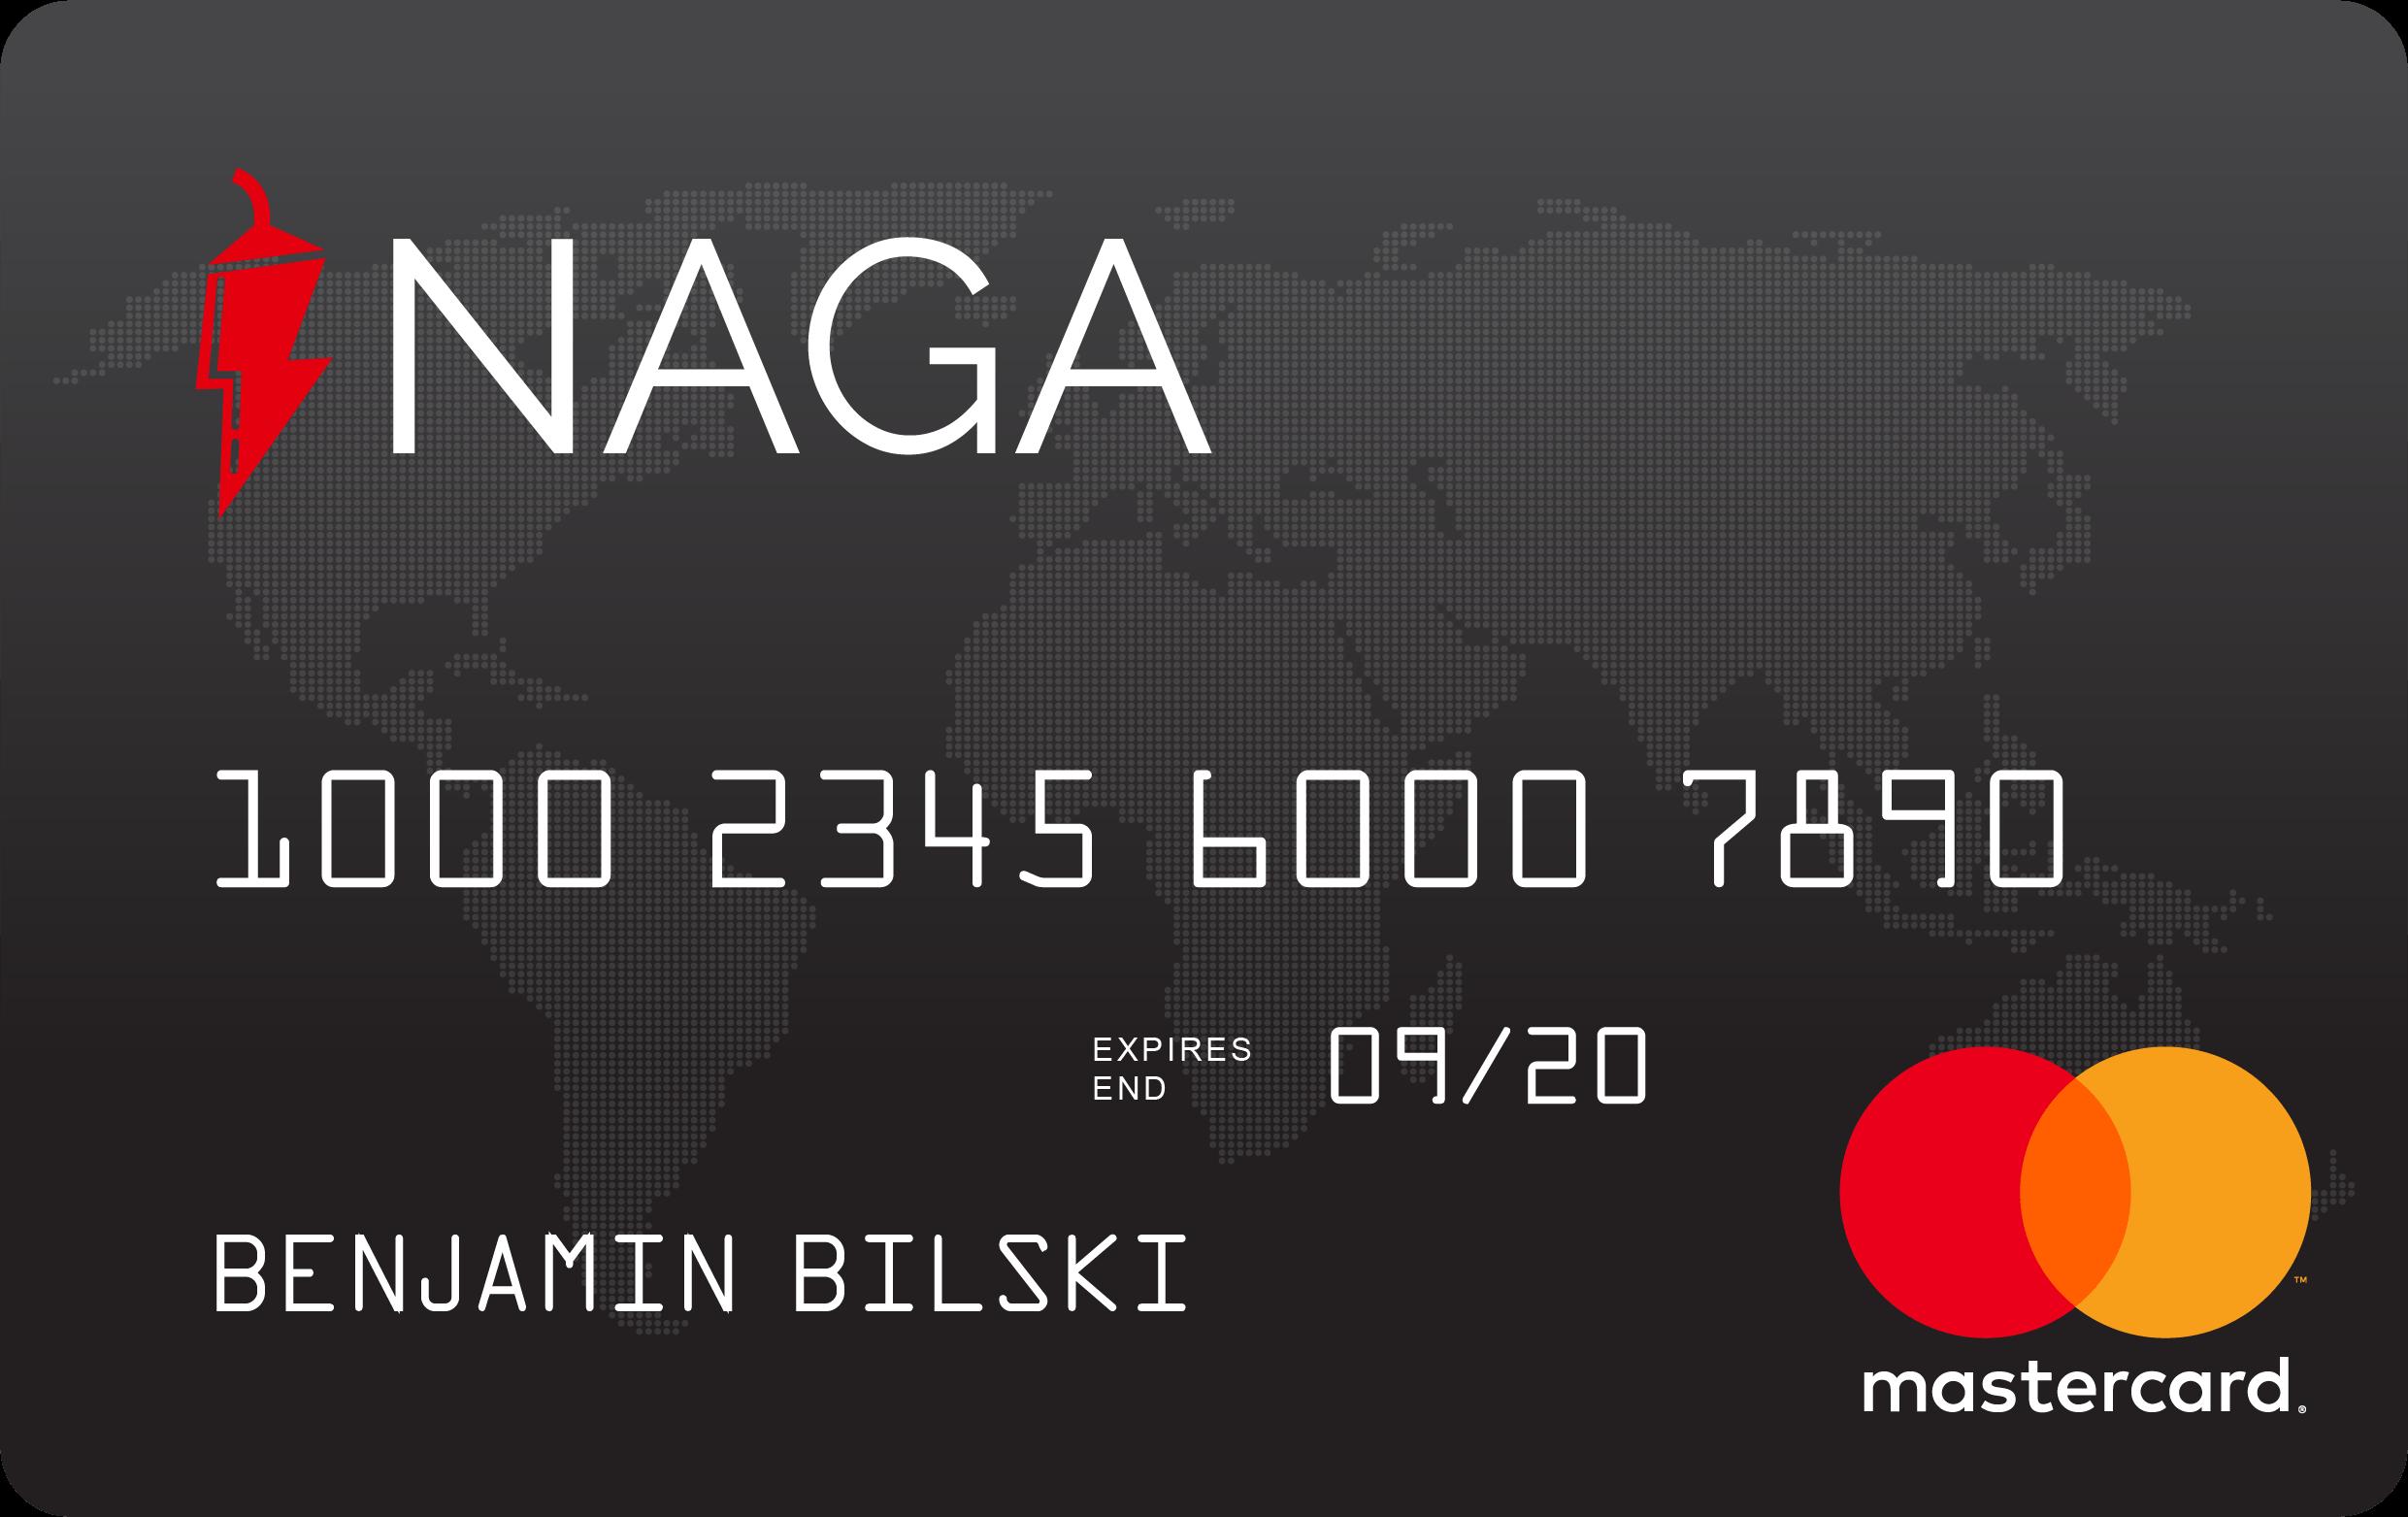 NAGA Master Card